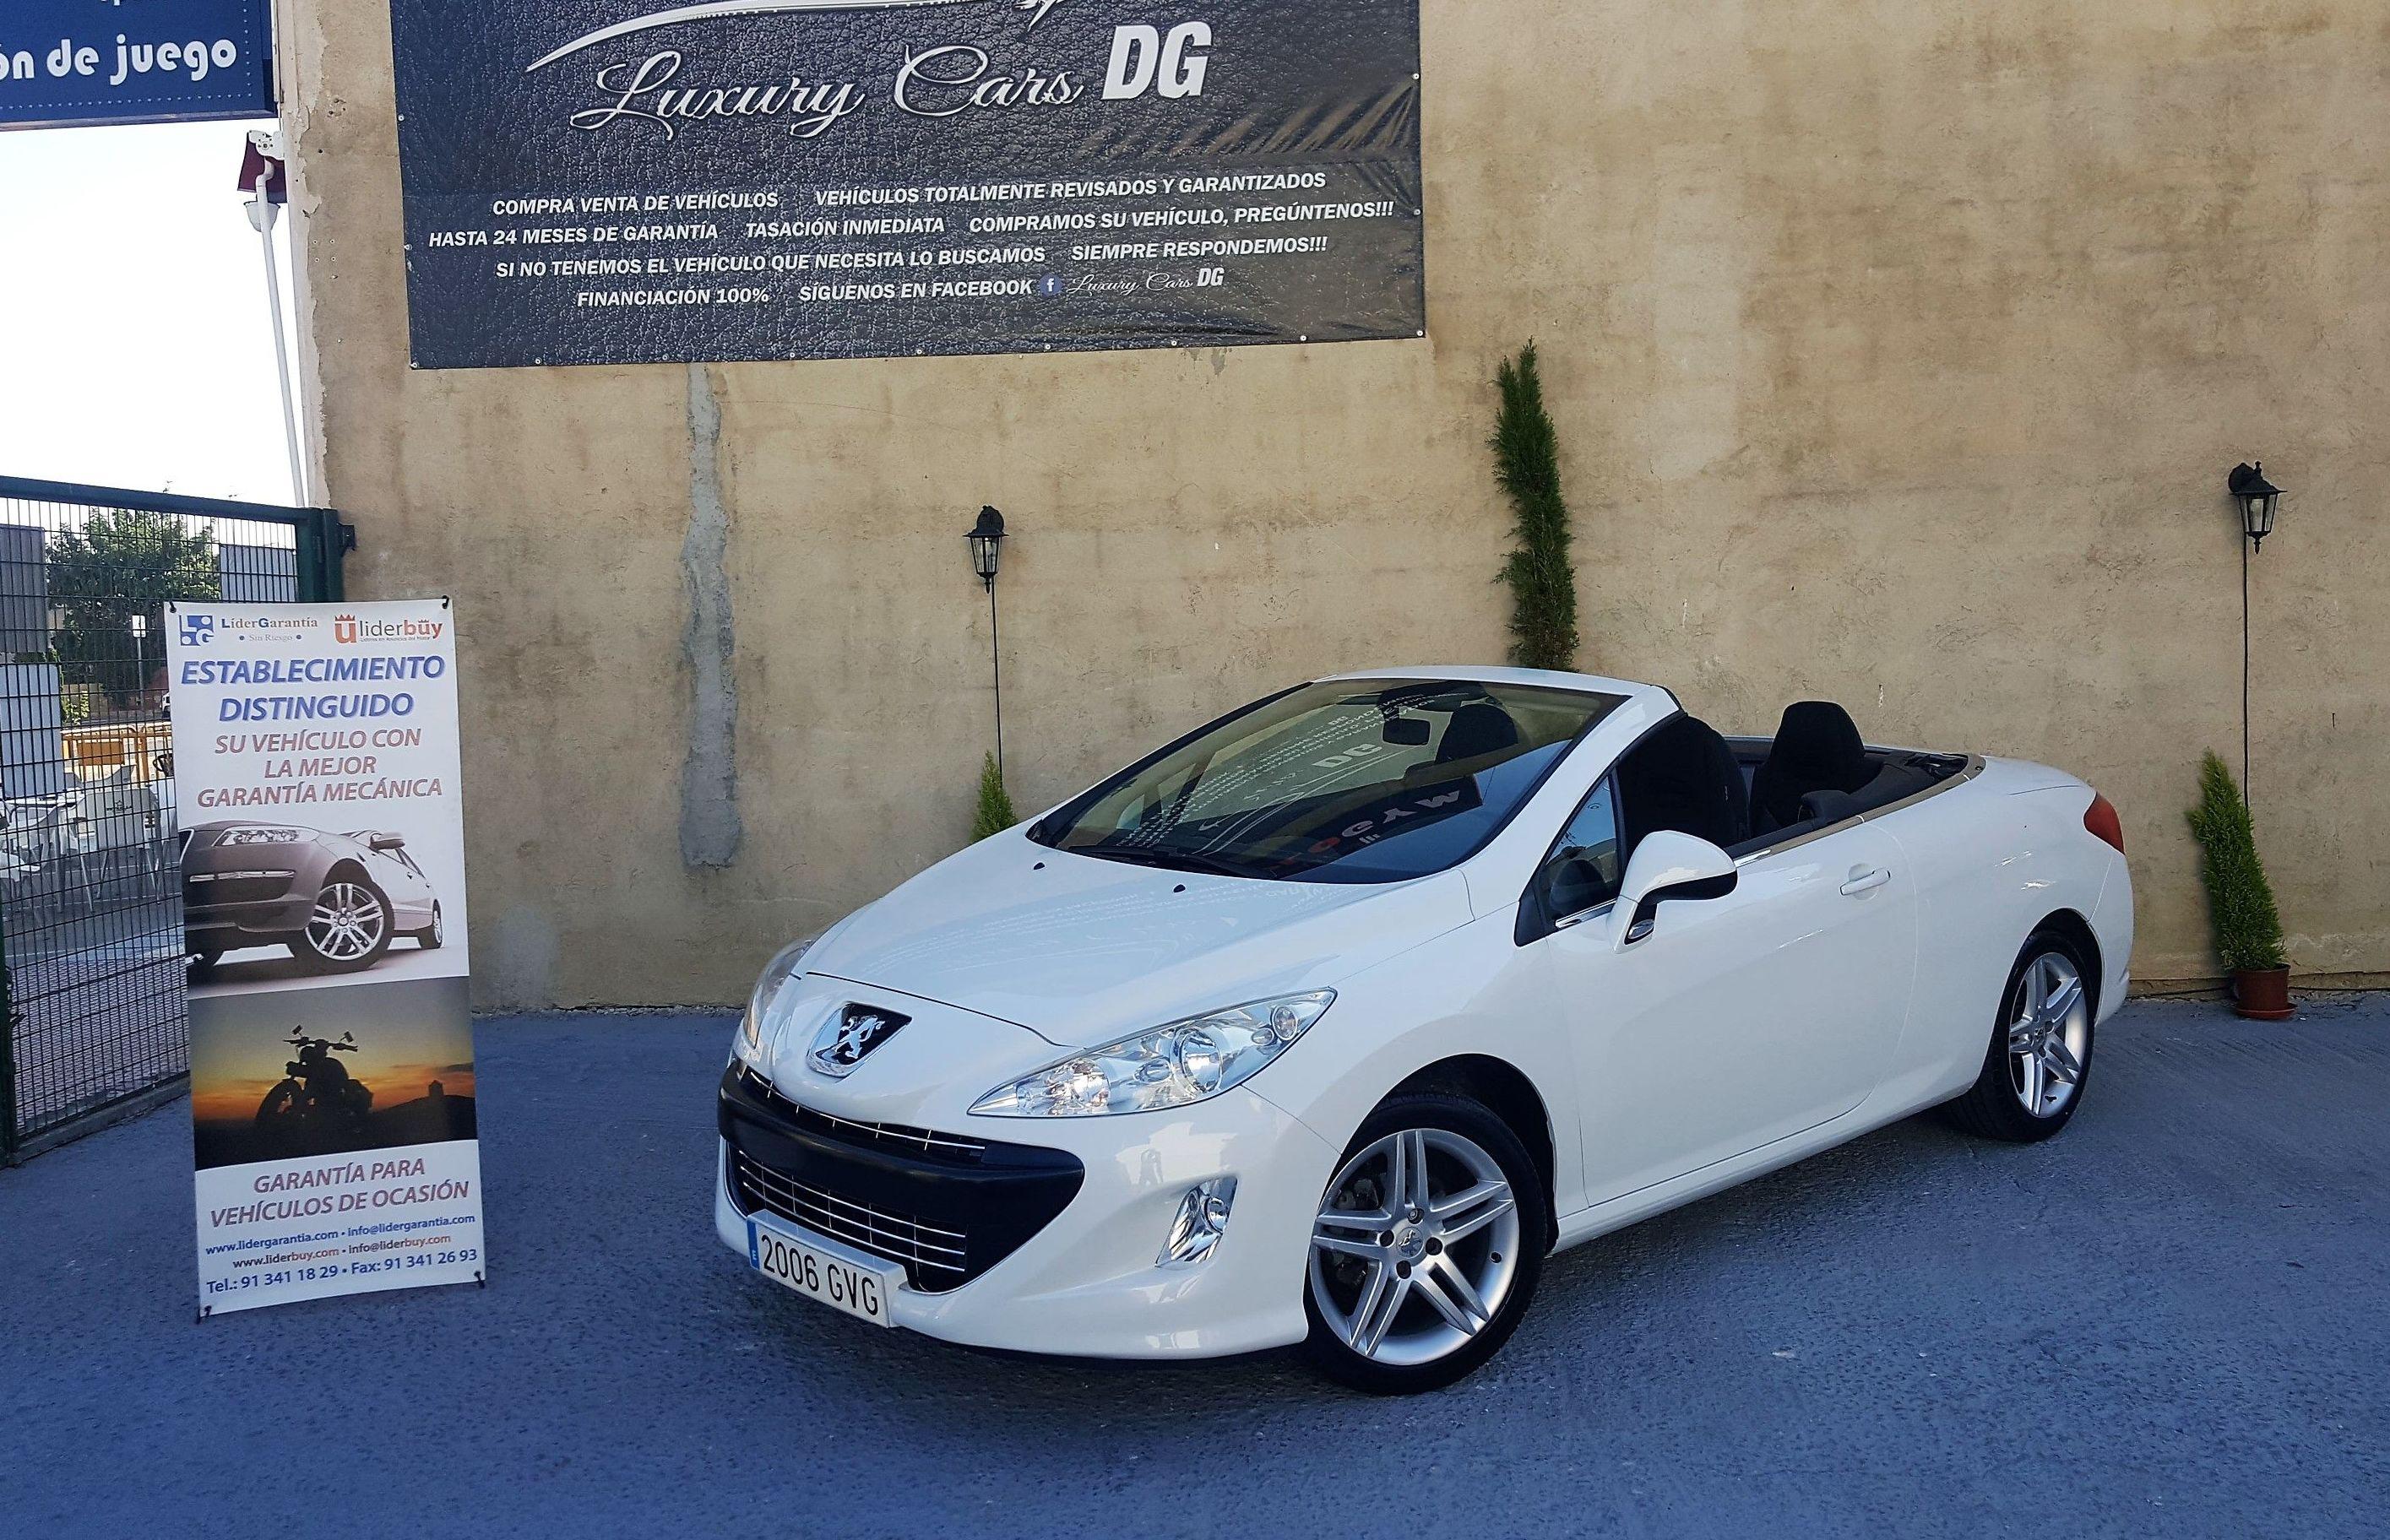 Peugeot 308 CABRIO: Venta de vehículos de Luxury Cars DG